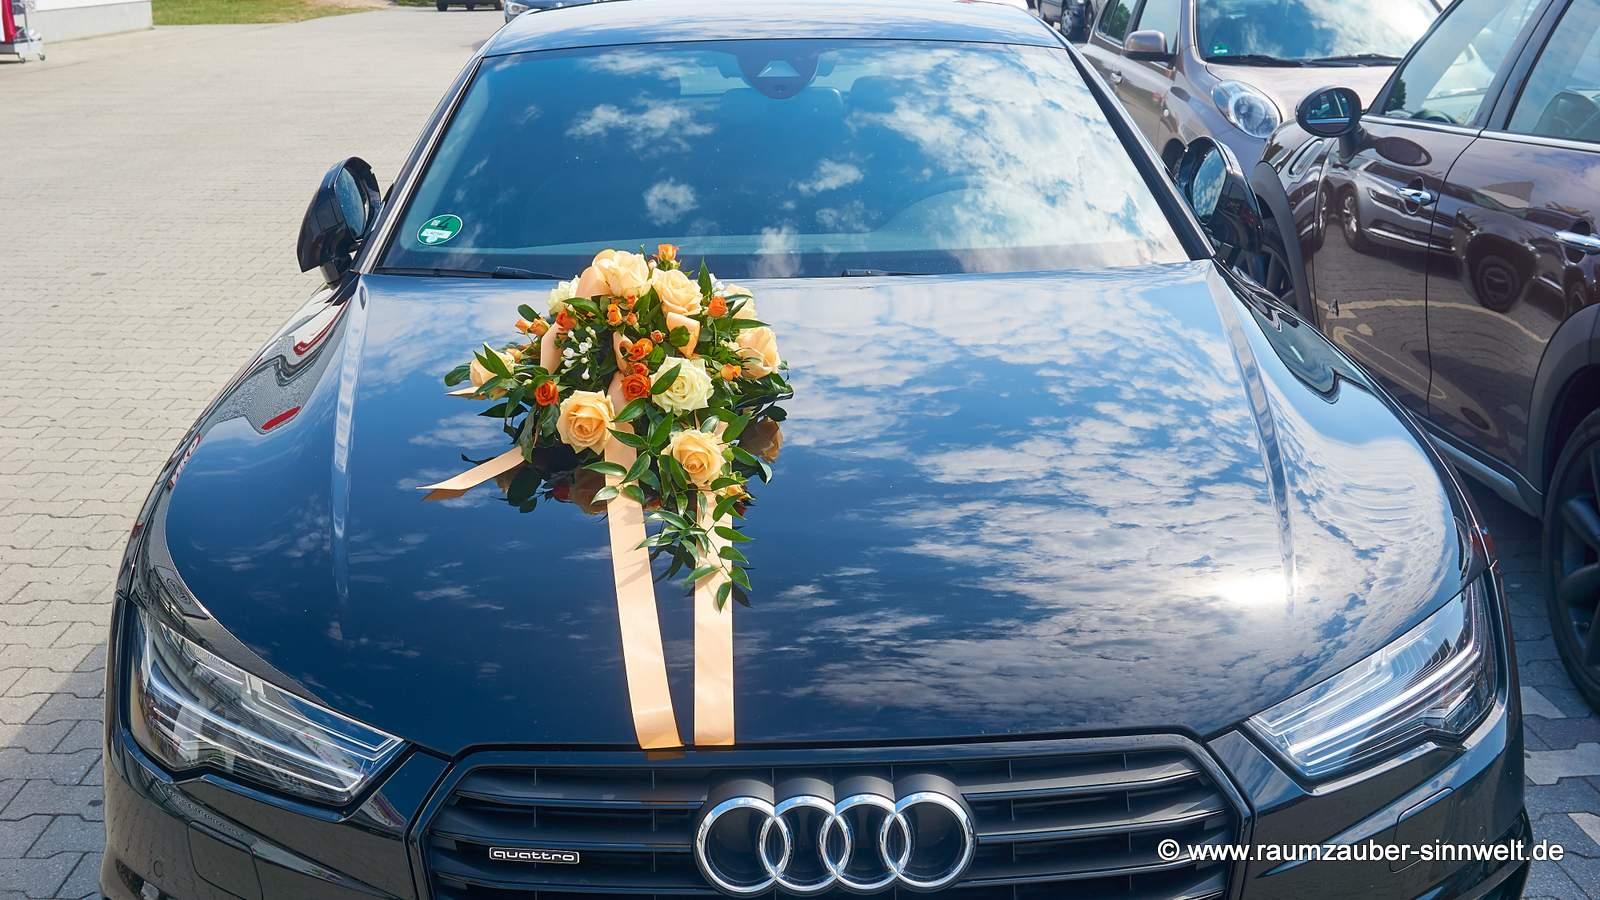 Fahrzeugschmuck mit Rosen, Polyrosen und Bouvardien